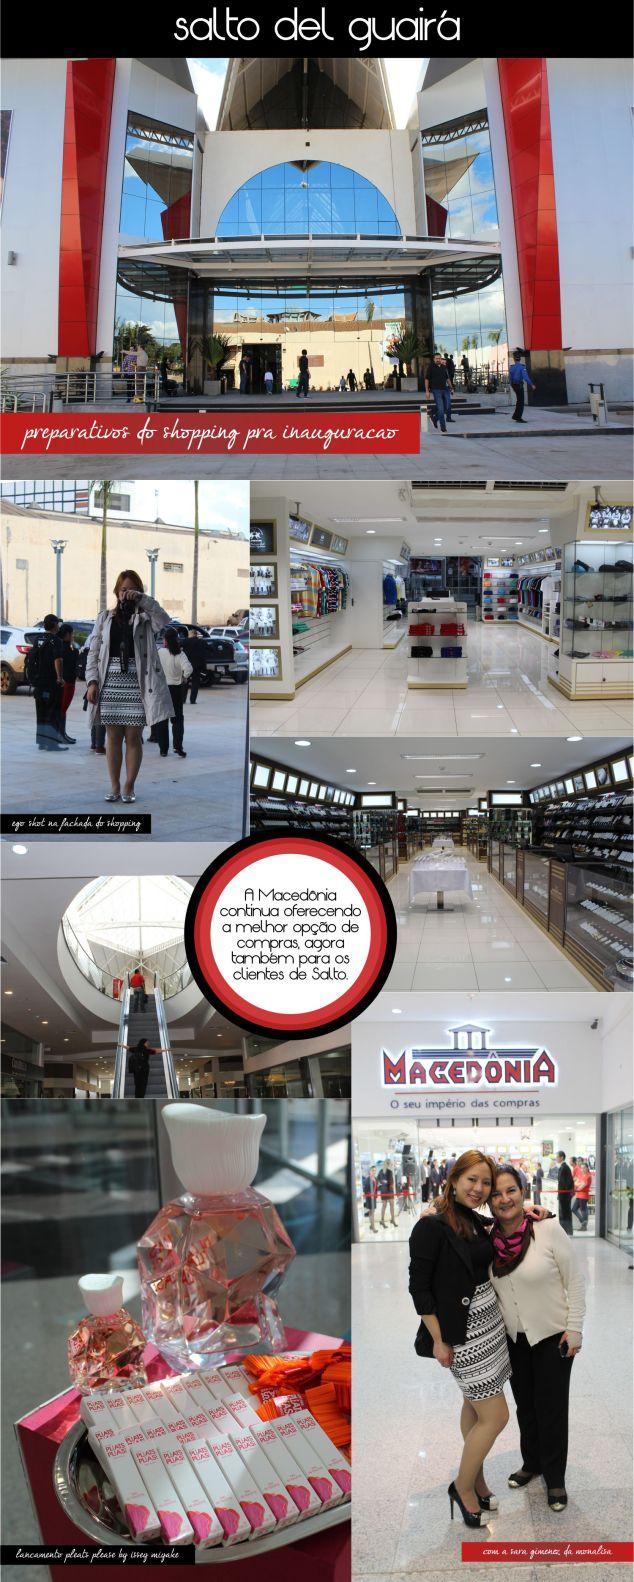 shopping mercosur blog